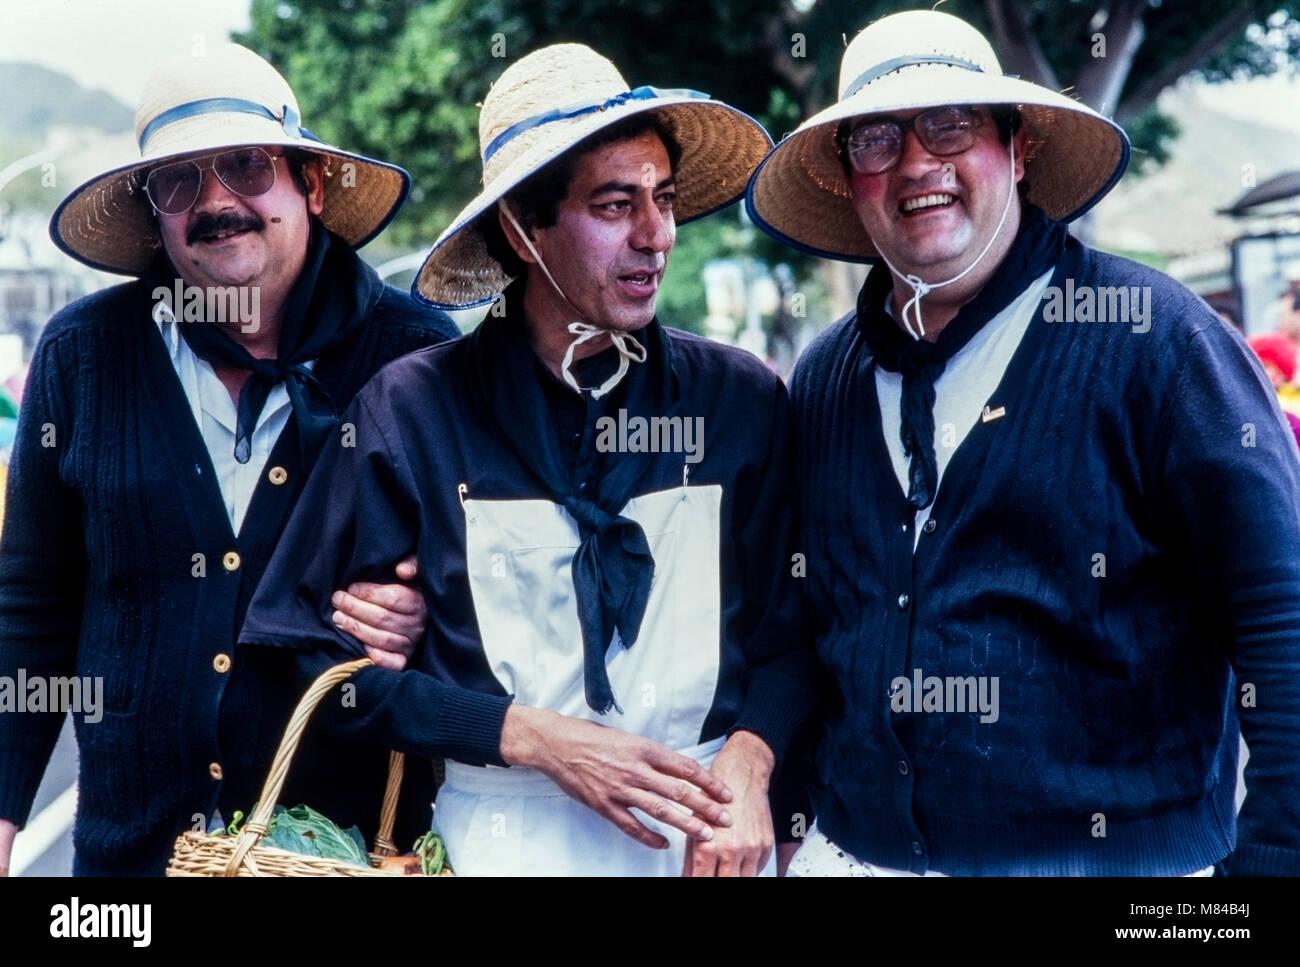 Drei Männer, die als Bauern Frauen im Karneval gekleidet, Archivierung Foto, Karneval de Santa Cruz de Tenerife, Stockbild